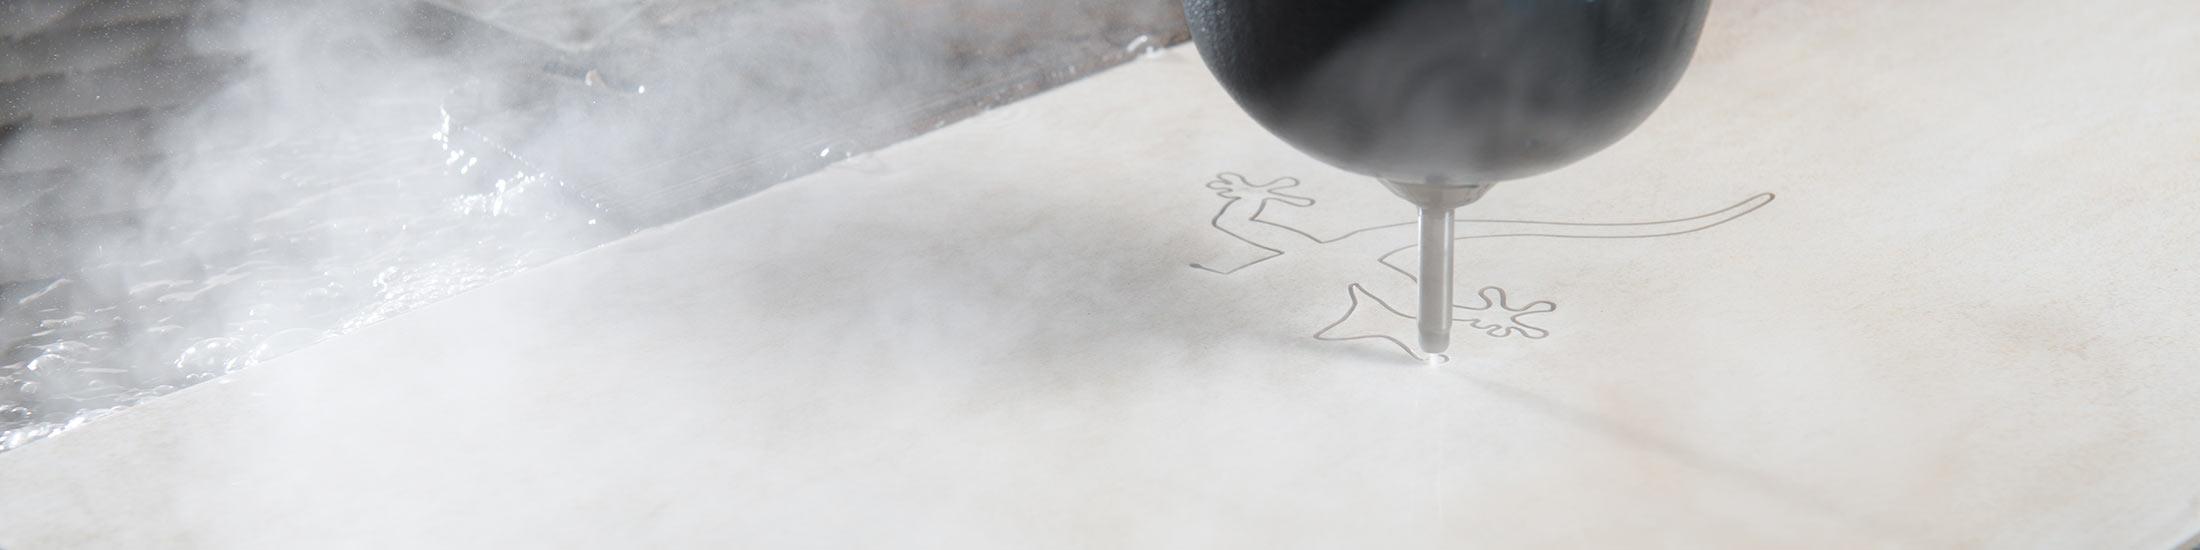 wasserstrahlschneiden von fliesen stahl glas keramik cerasell. Black Bedroom Furniture Sets. Home Design Ideas